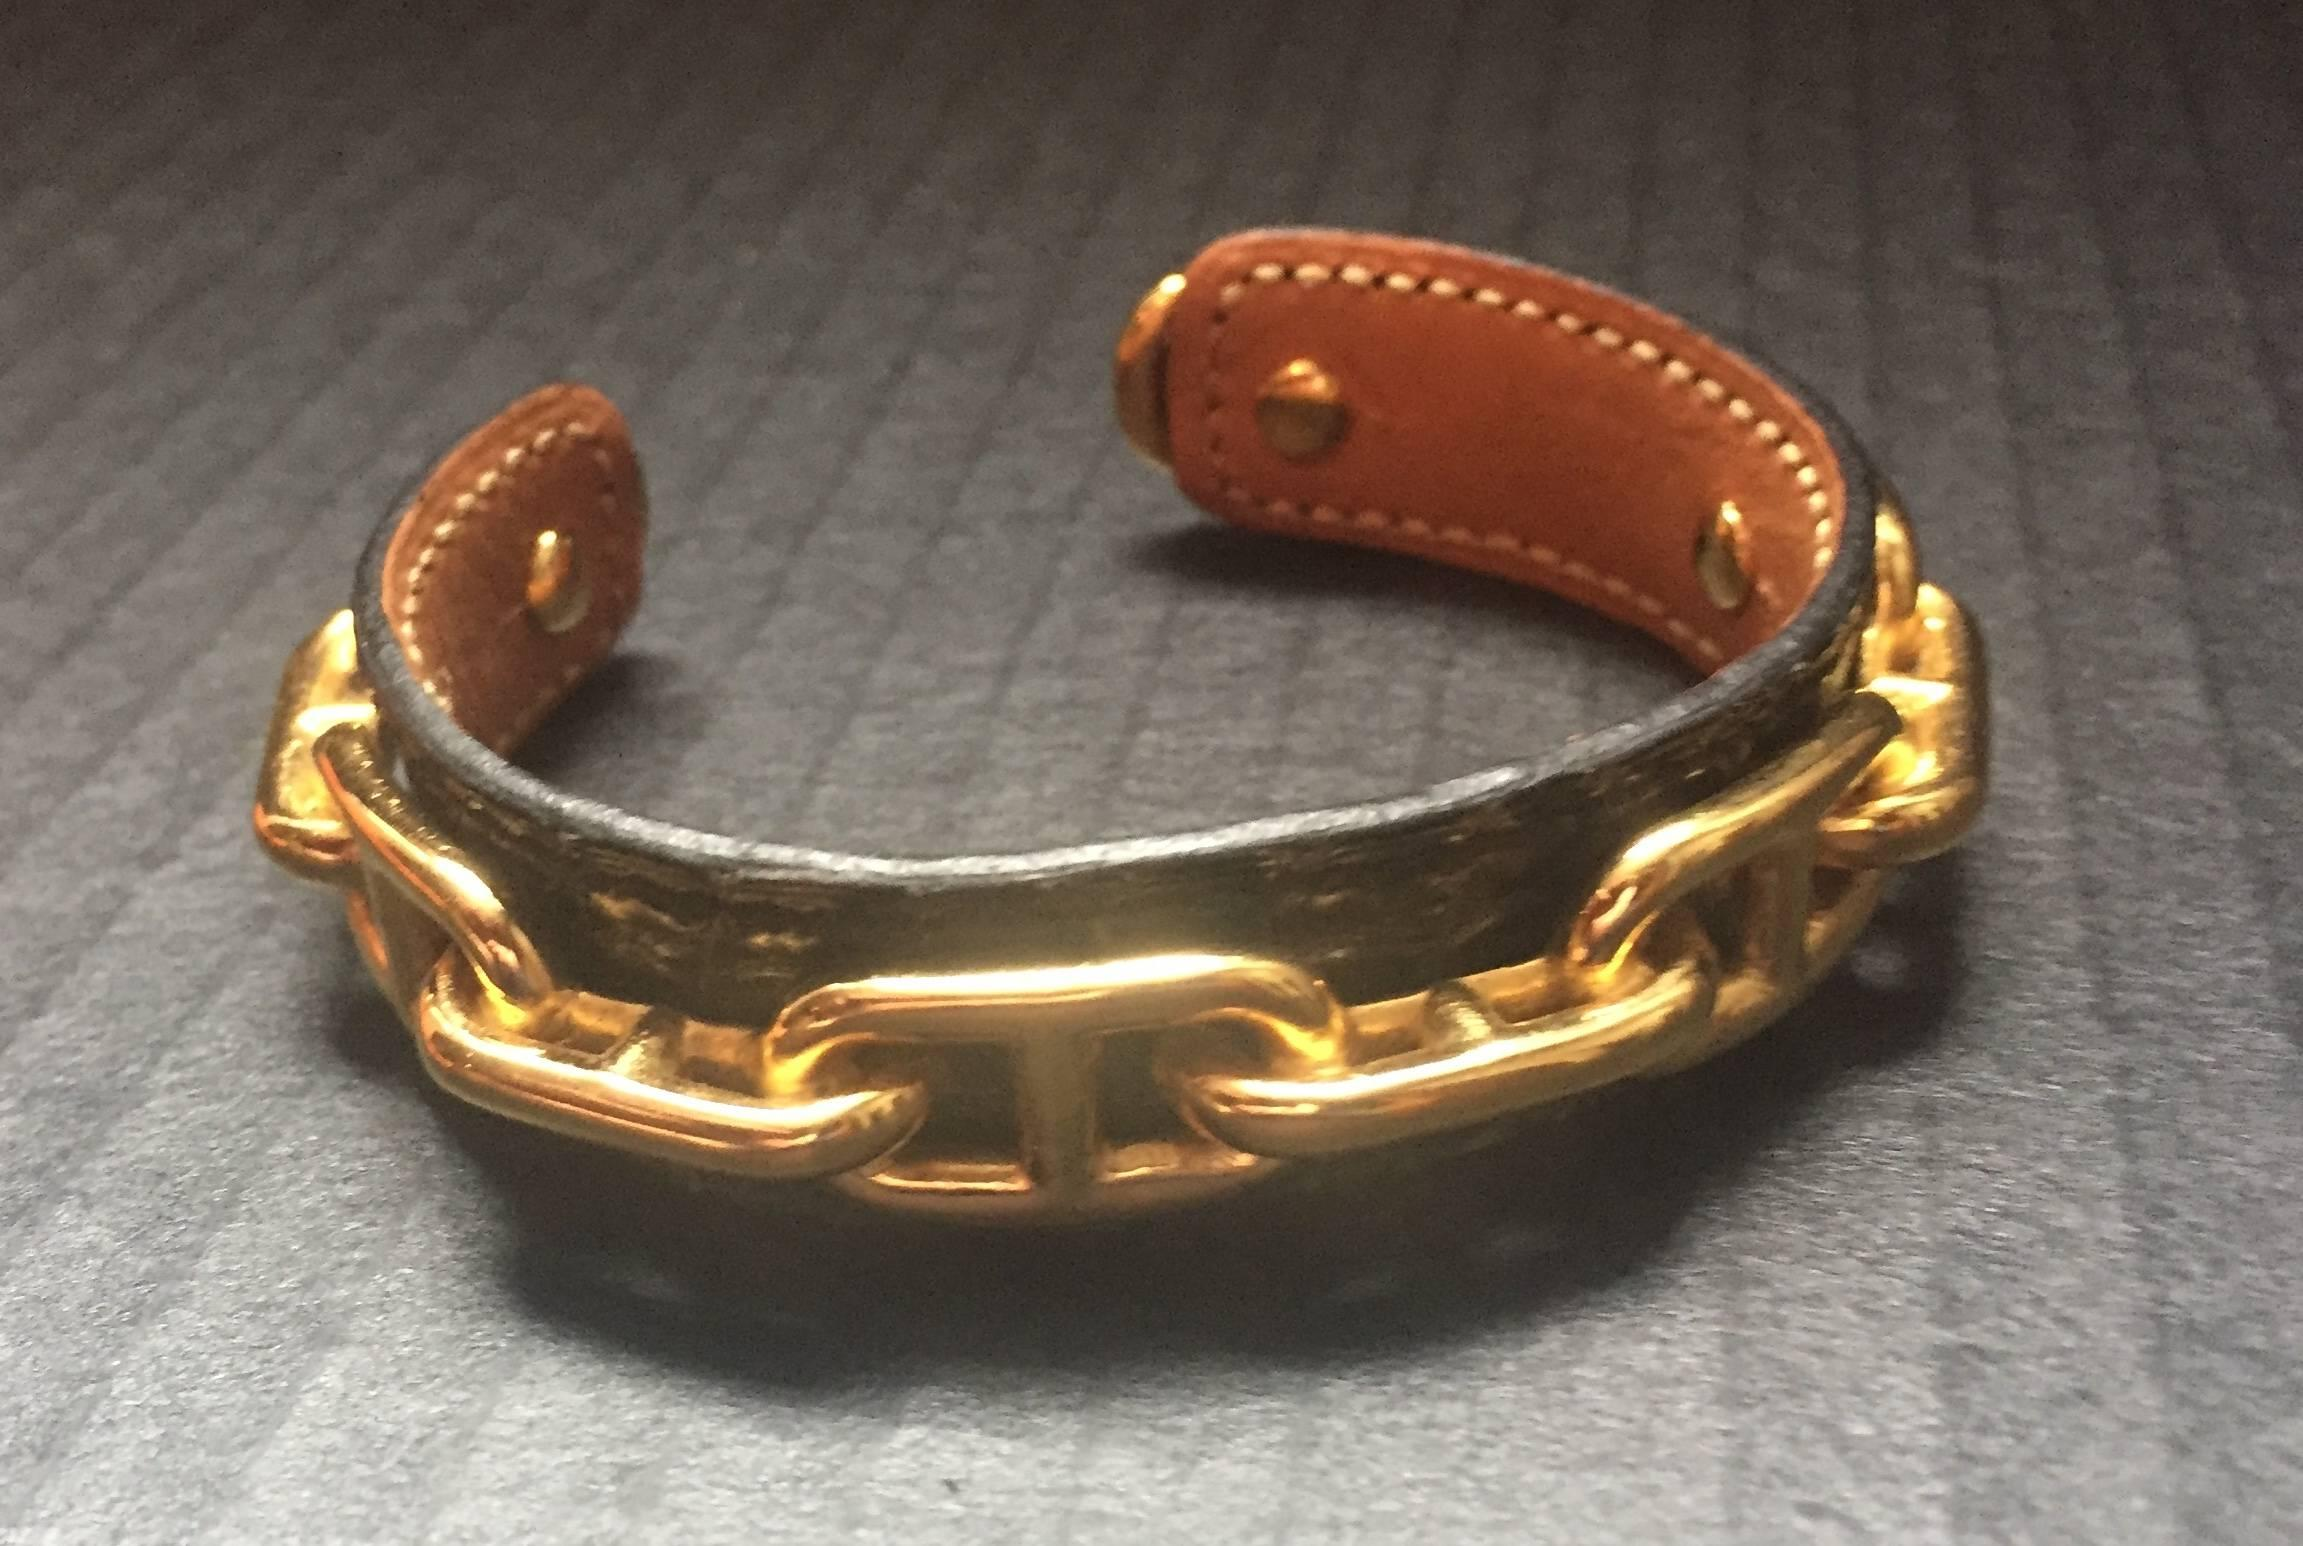 France Hermes Bracelet Pics Skin C4ab9 25ec5